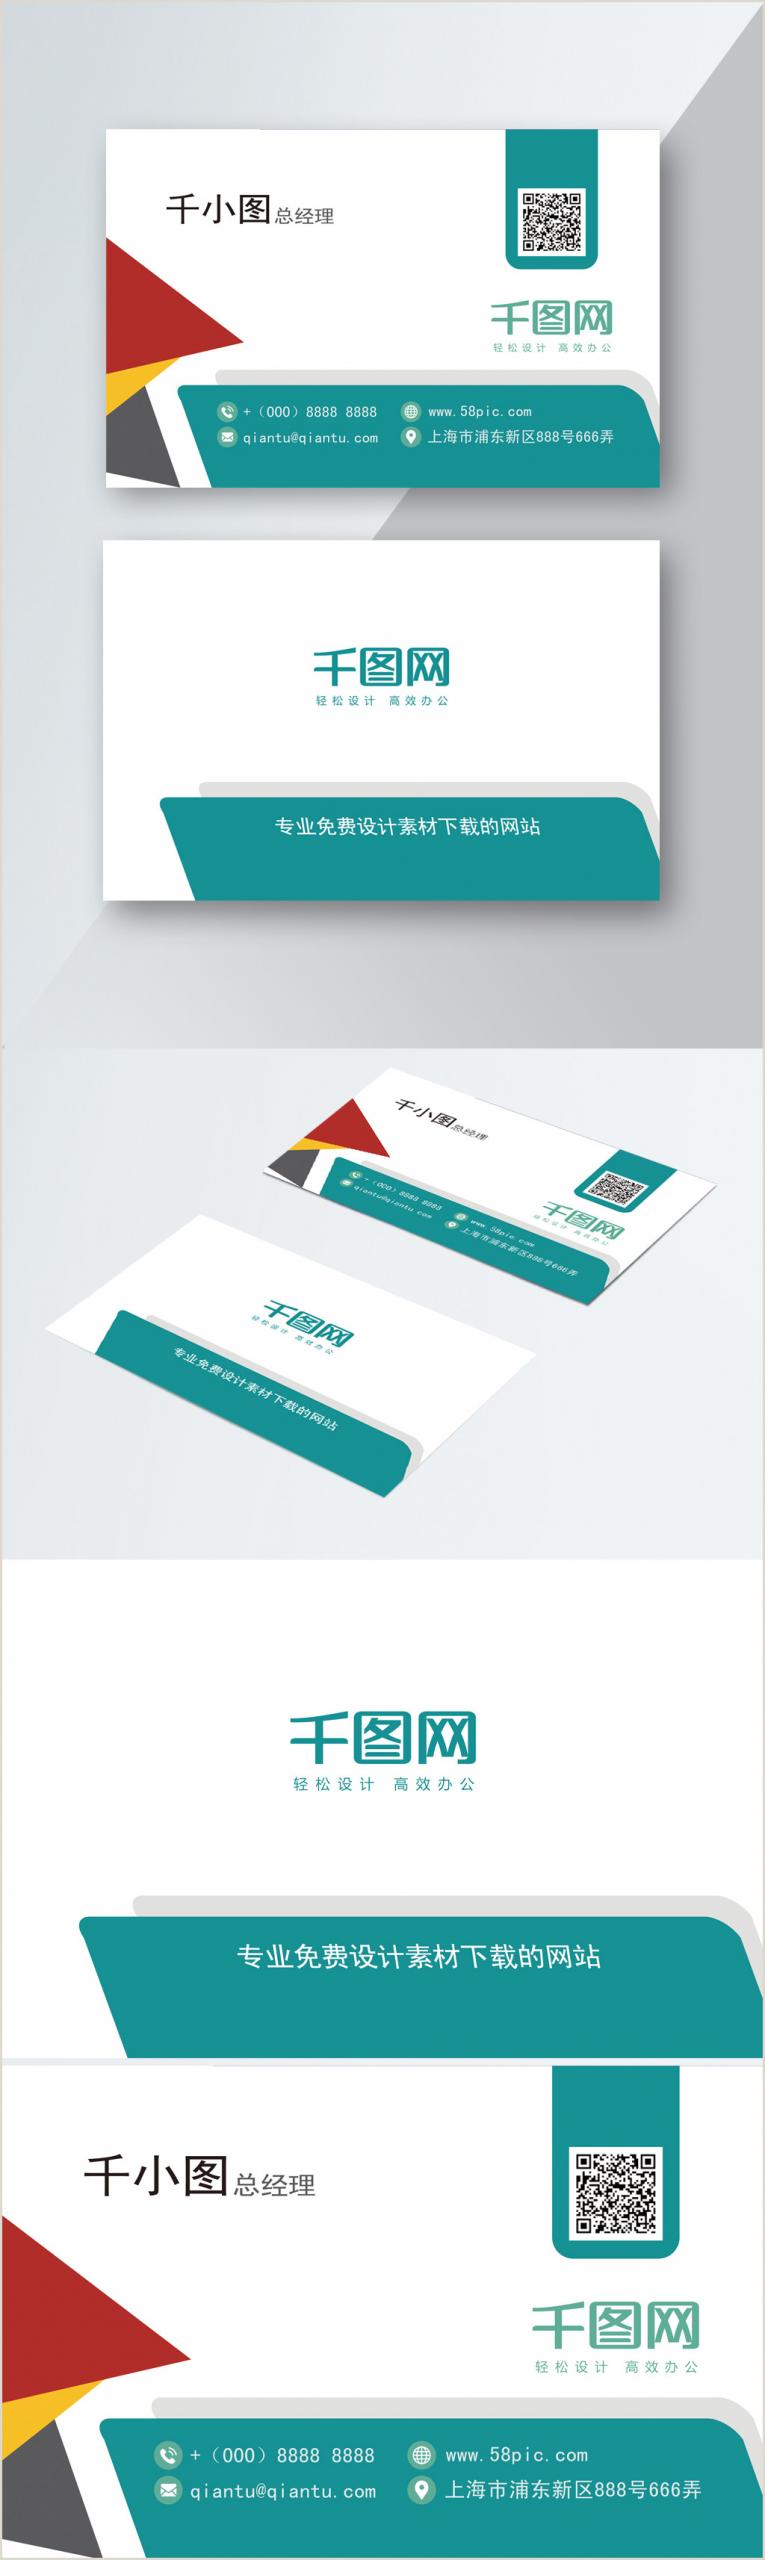 Cheap Unique Business Cards Unique Business Card Template Image Picture Free